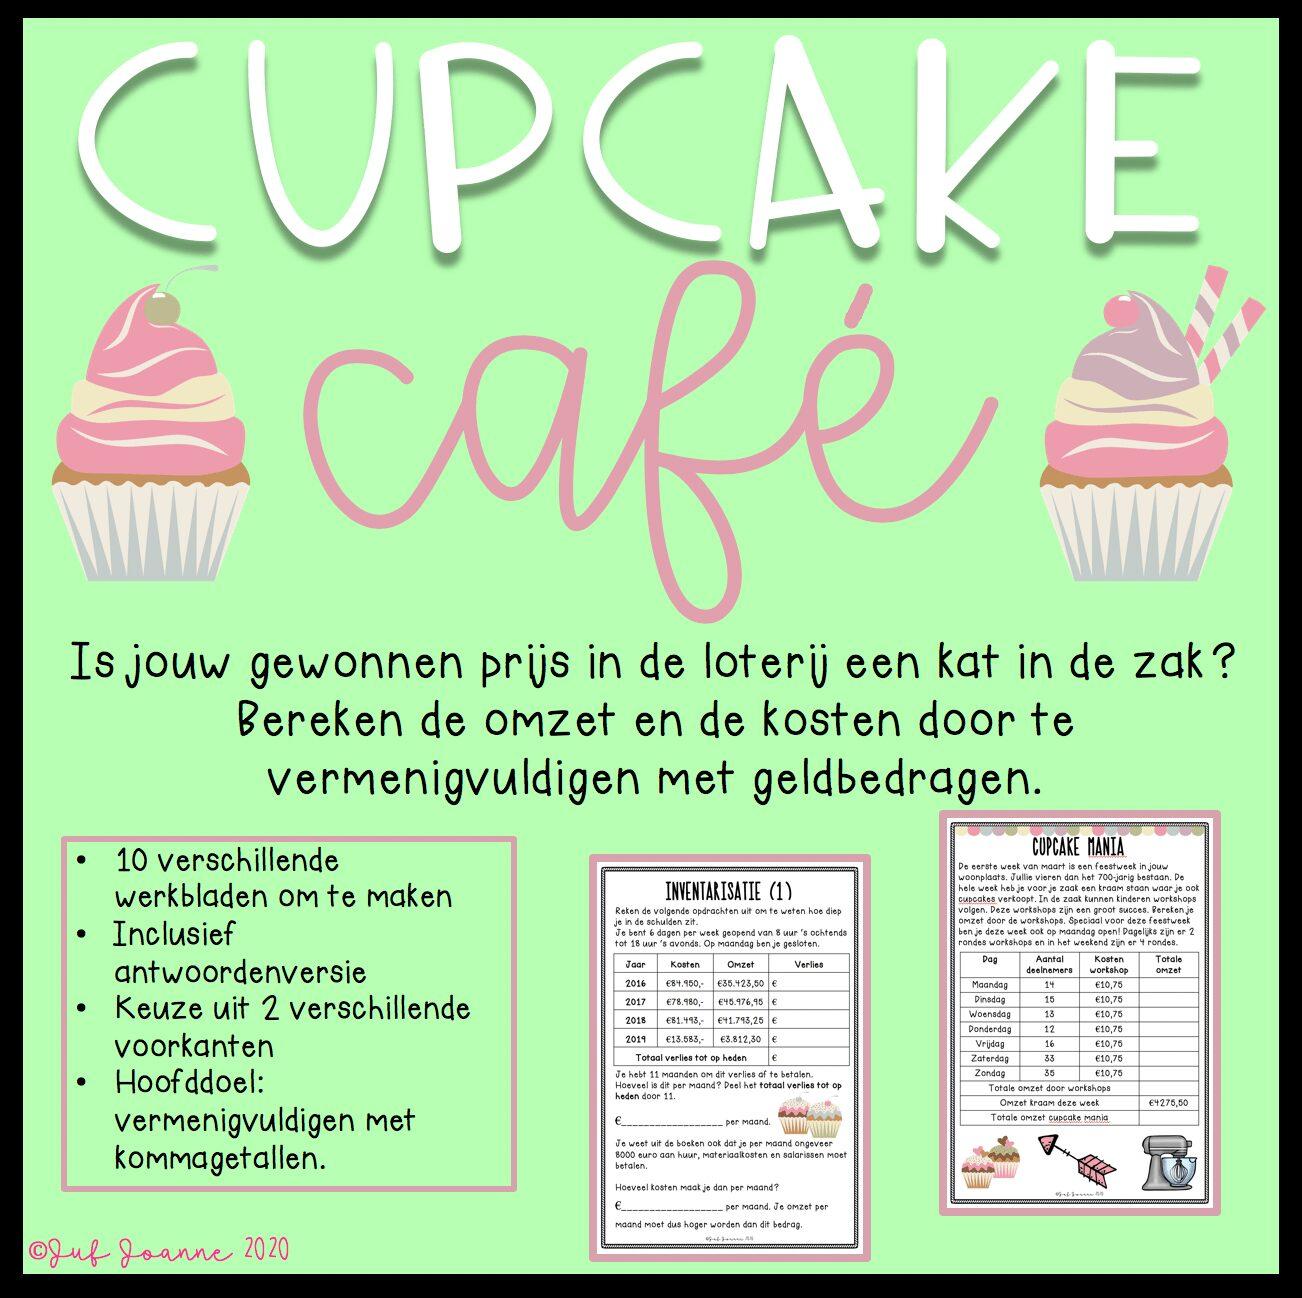 Cupcake café (vermenigvuldigen met kommagetallen)